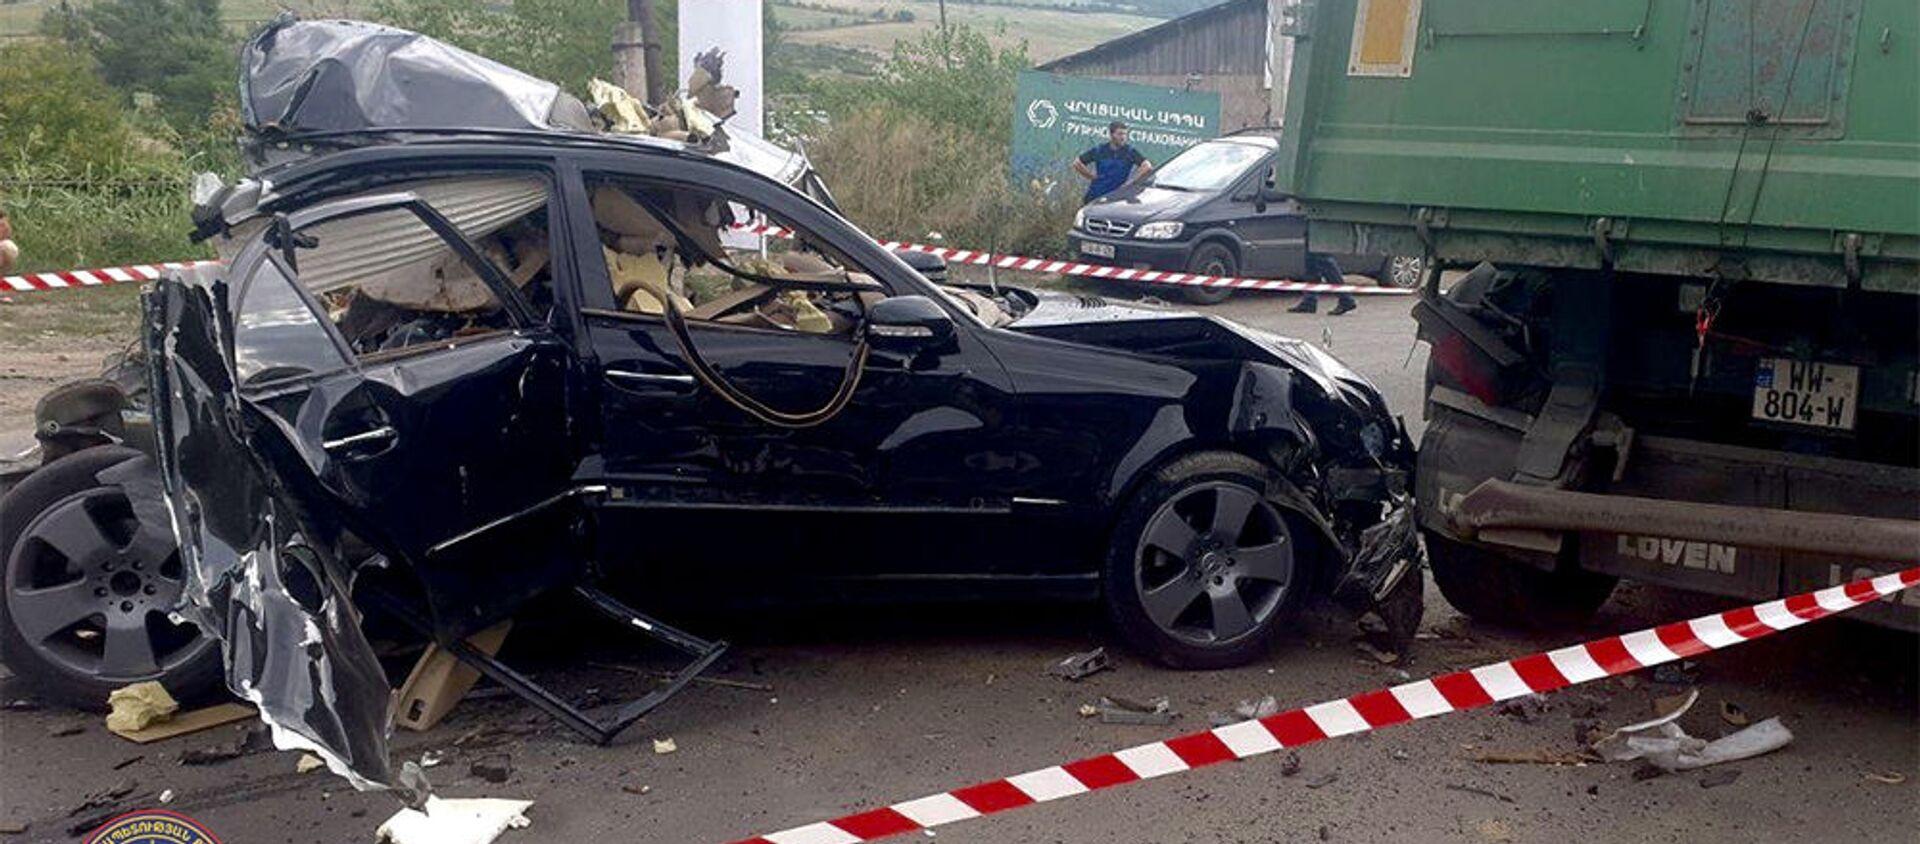 Возле Баграташенской таможни взорвался автомобильный баллон с газом - Sputnik Արմենիա, 1920, 23.07.2021